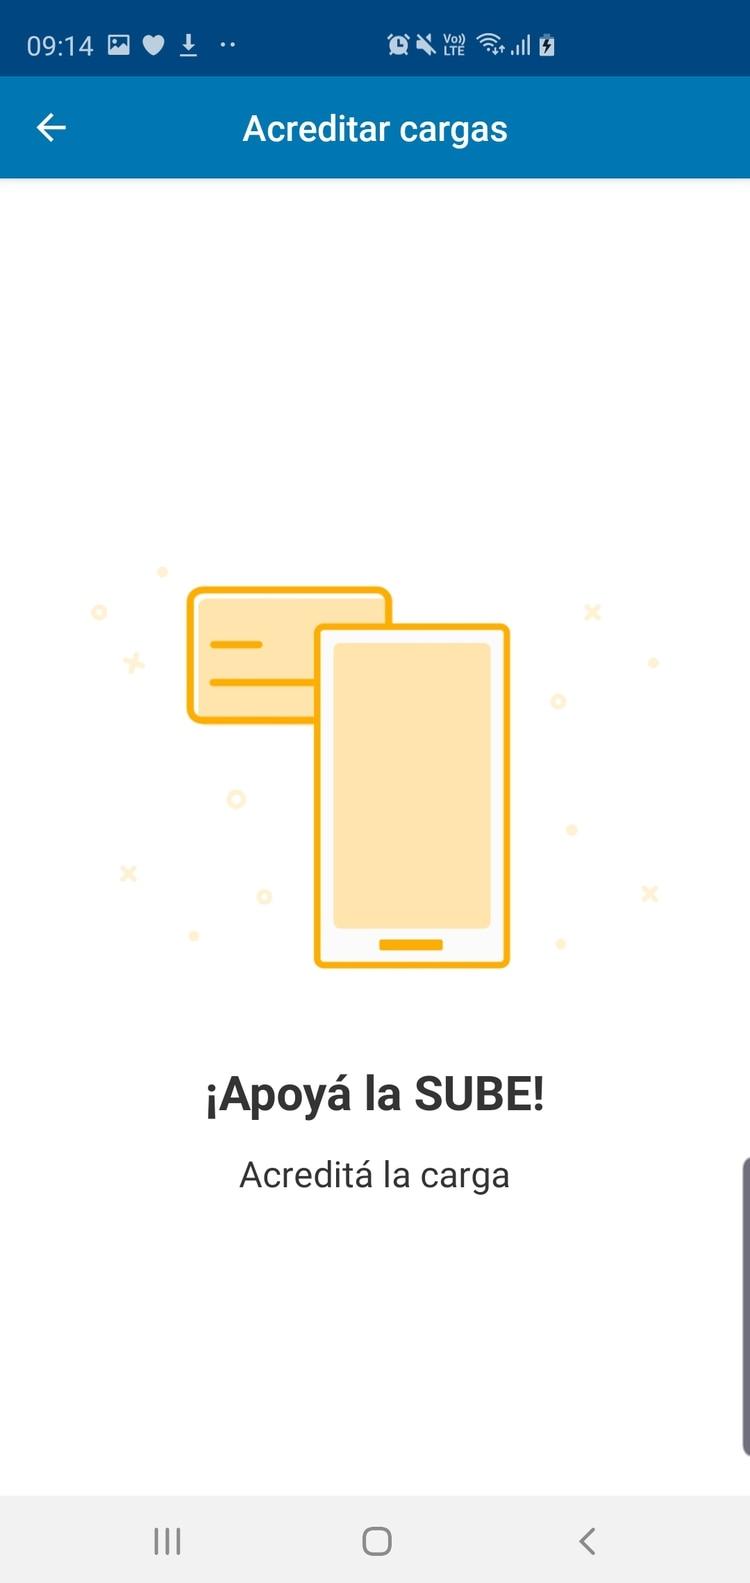 Una vez que cargó el saldo hay que acreditar el monto, apoyando el móvil en la parte posterior del celular.